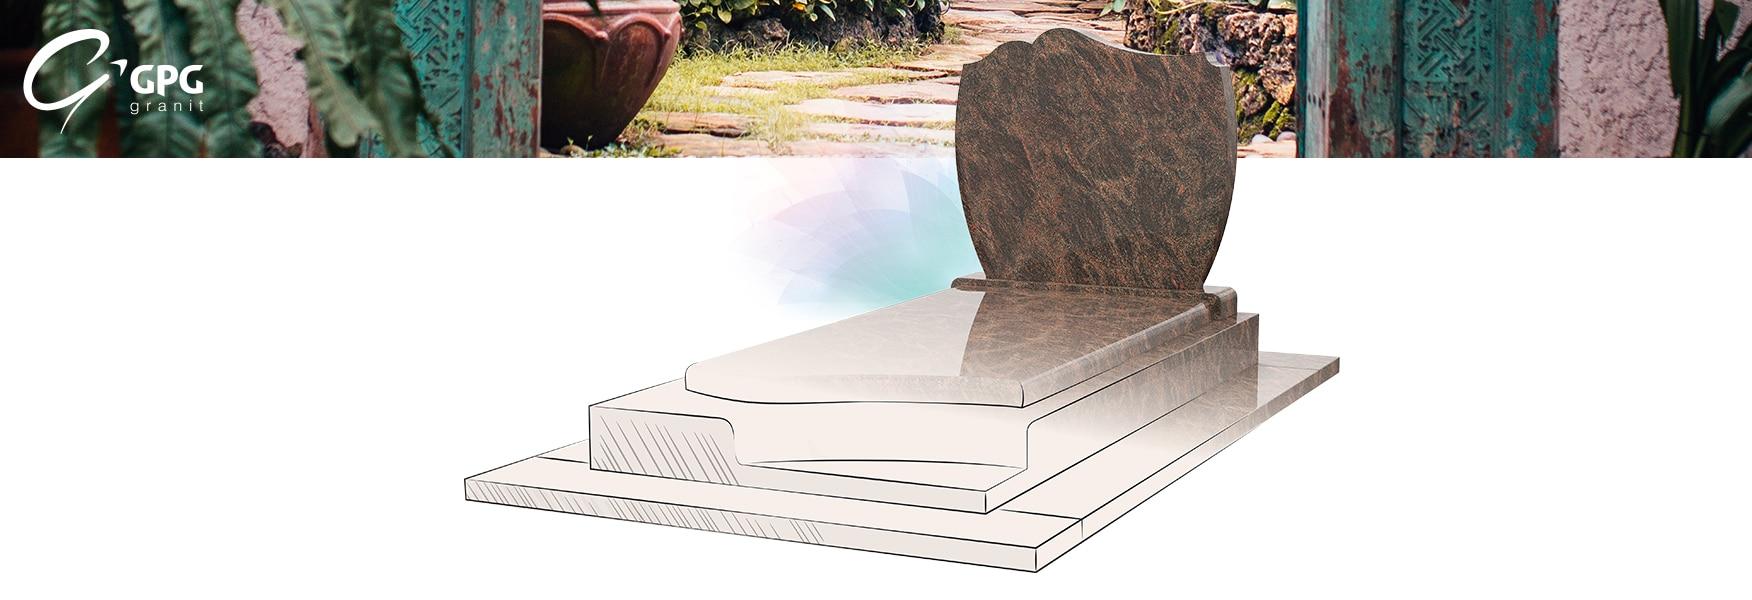 Monument funéraire GPG 002, une sépulture moderne en granit